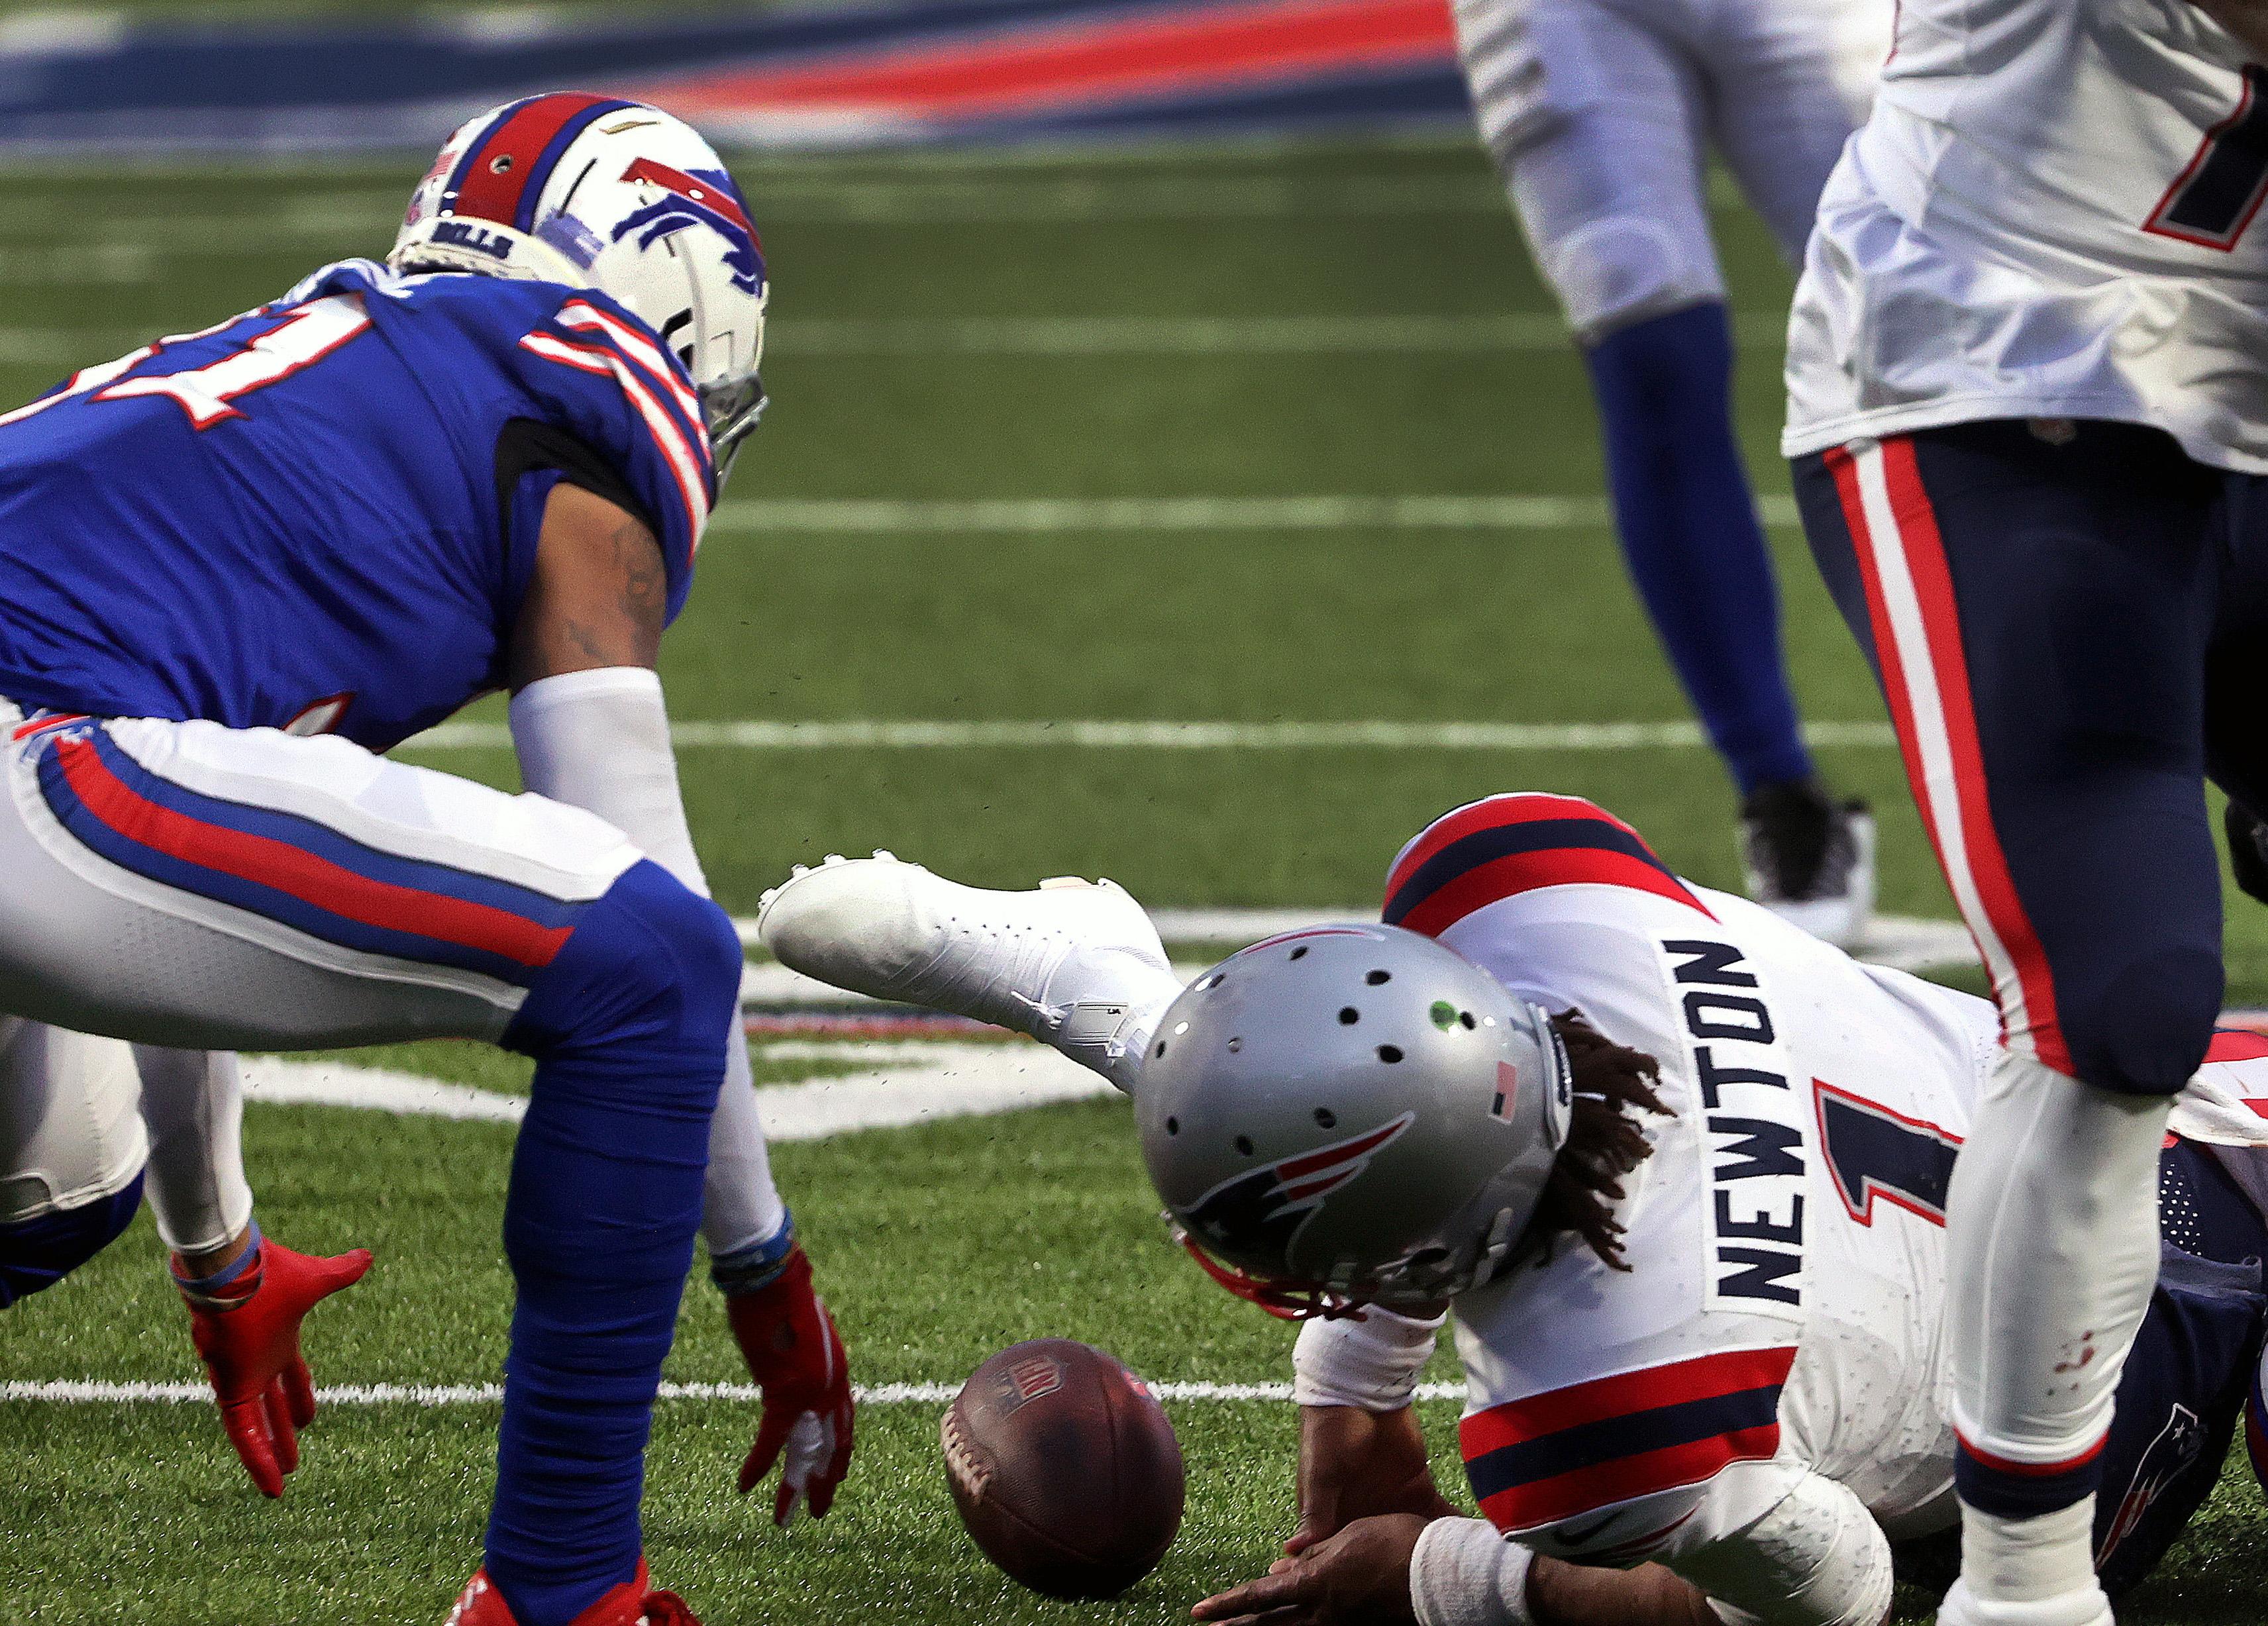 New England Patriots Vs. Buffalo Bills At Bills Stadium